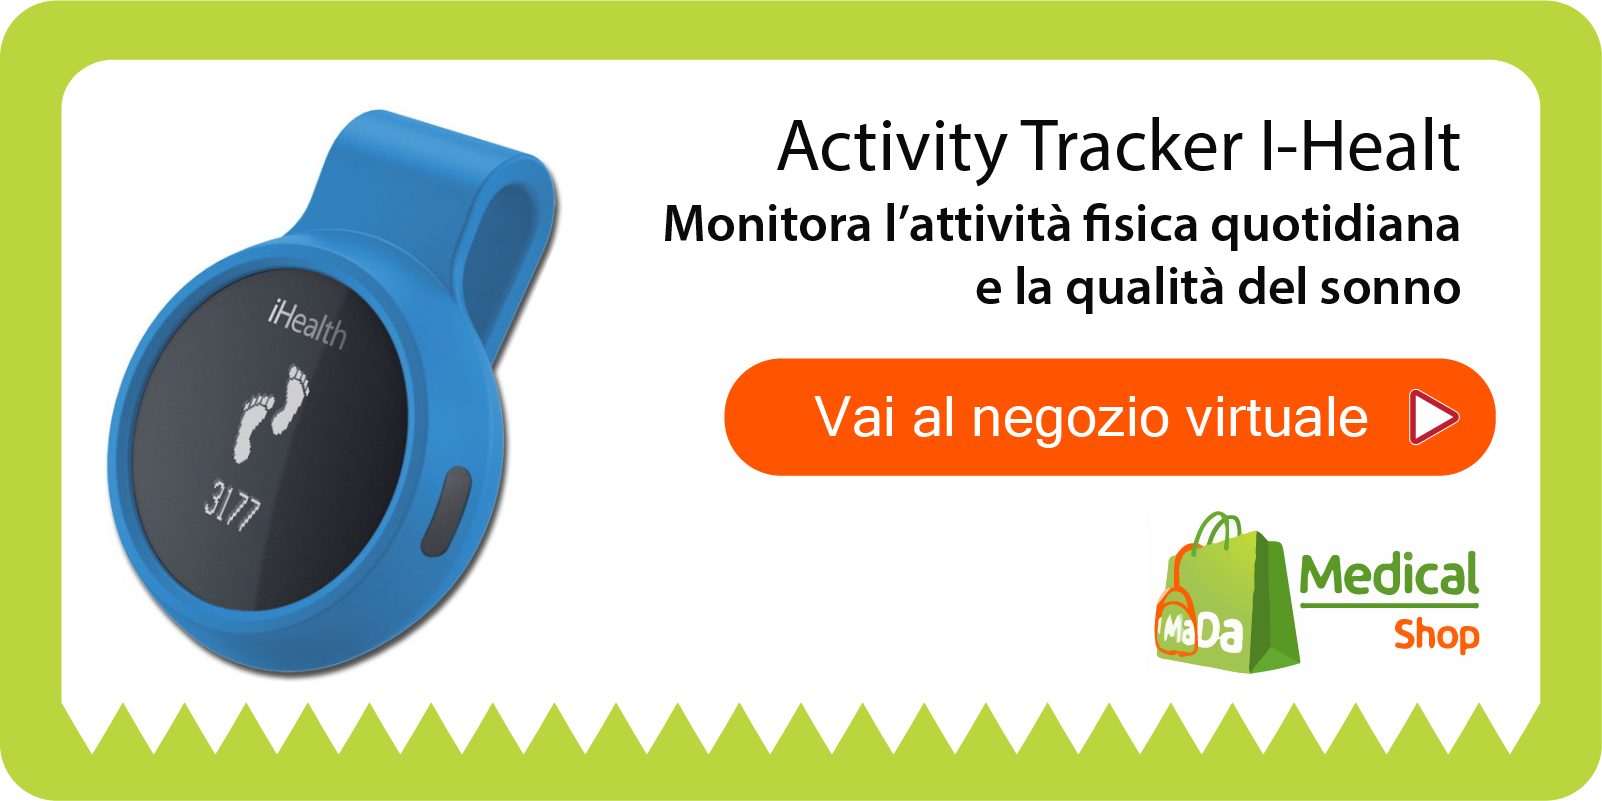 jogging activity tracker